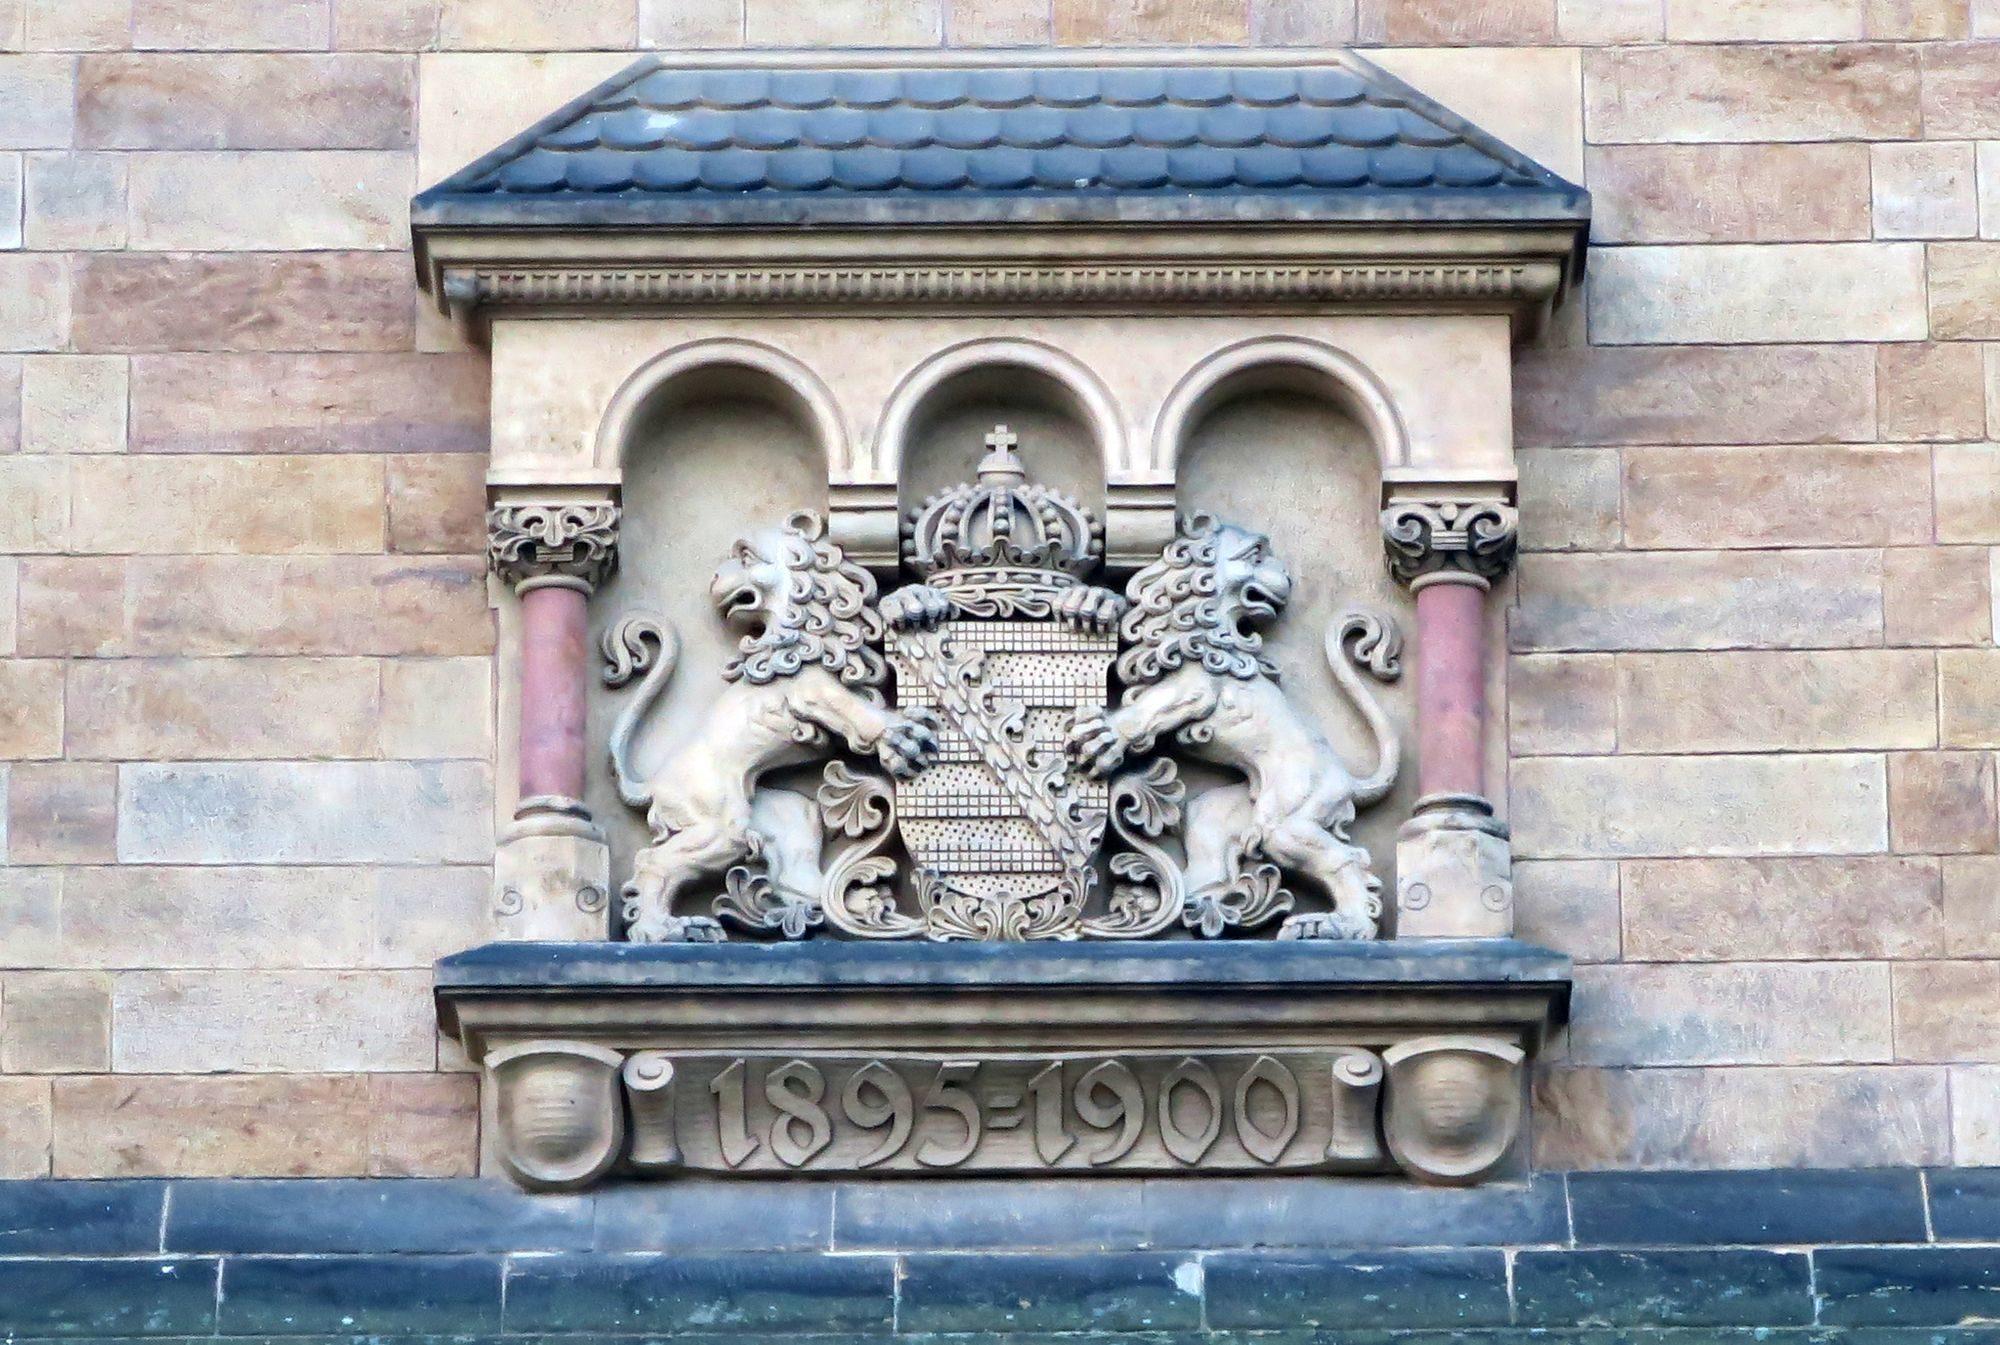 Laut Inschrift erbaut zwischen 1895 und 1900.